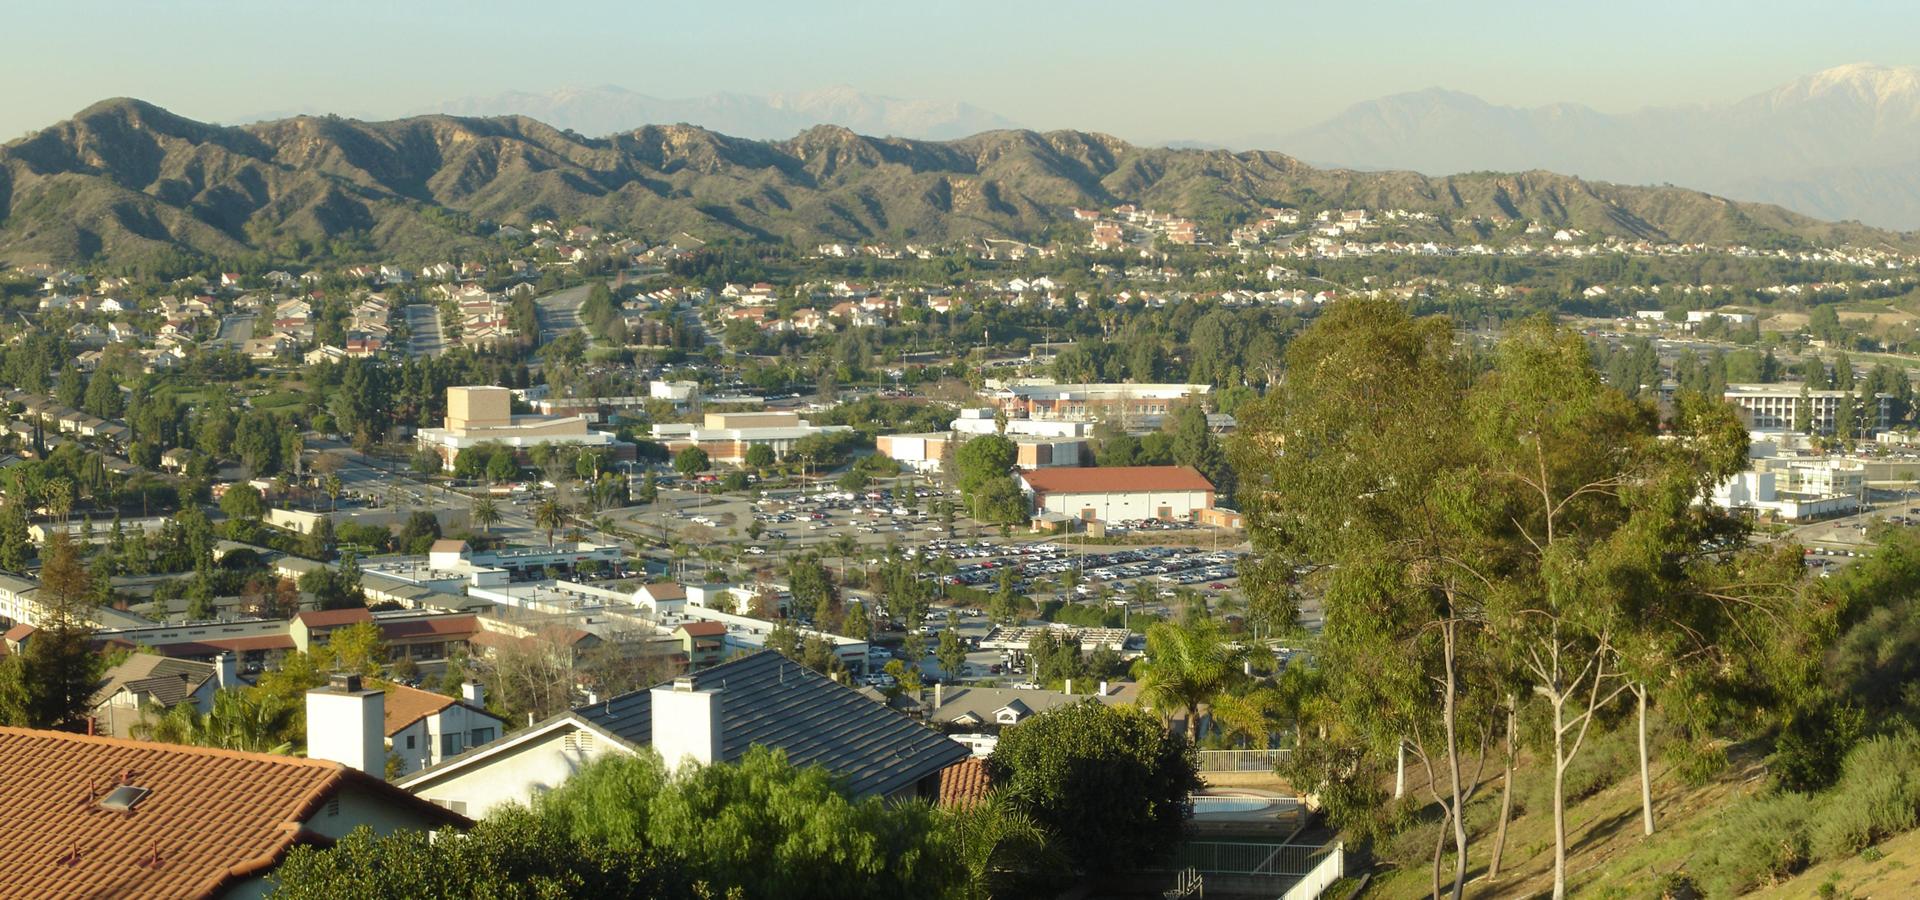 <b>Walnut, California, USA</b>